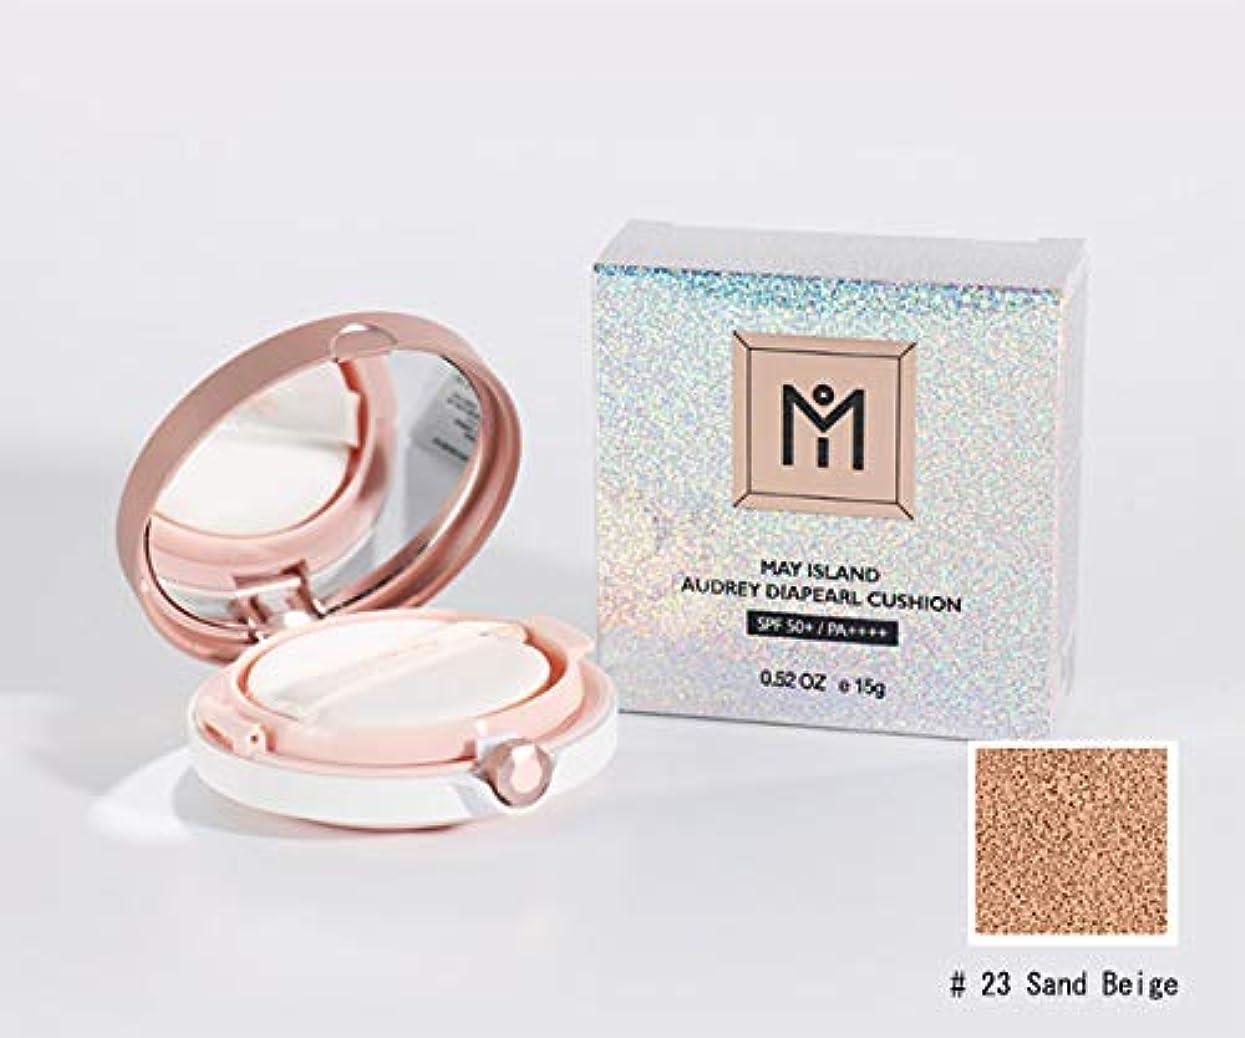 比類のない組み込む話[MAY ISLAND] AUDREY DIAPEARL CUSHION[#23.Sand Beige] ダイヤモンドパールクッション SPF50+/ PA++++[美白、シワの改善、紫外線遮断3の機能性化粧品]韓国の人気...